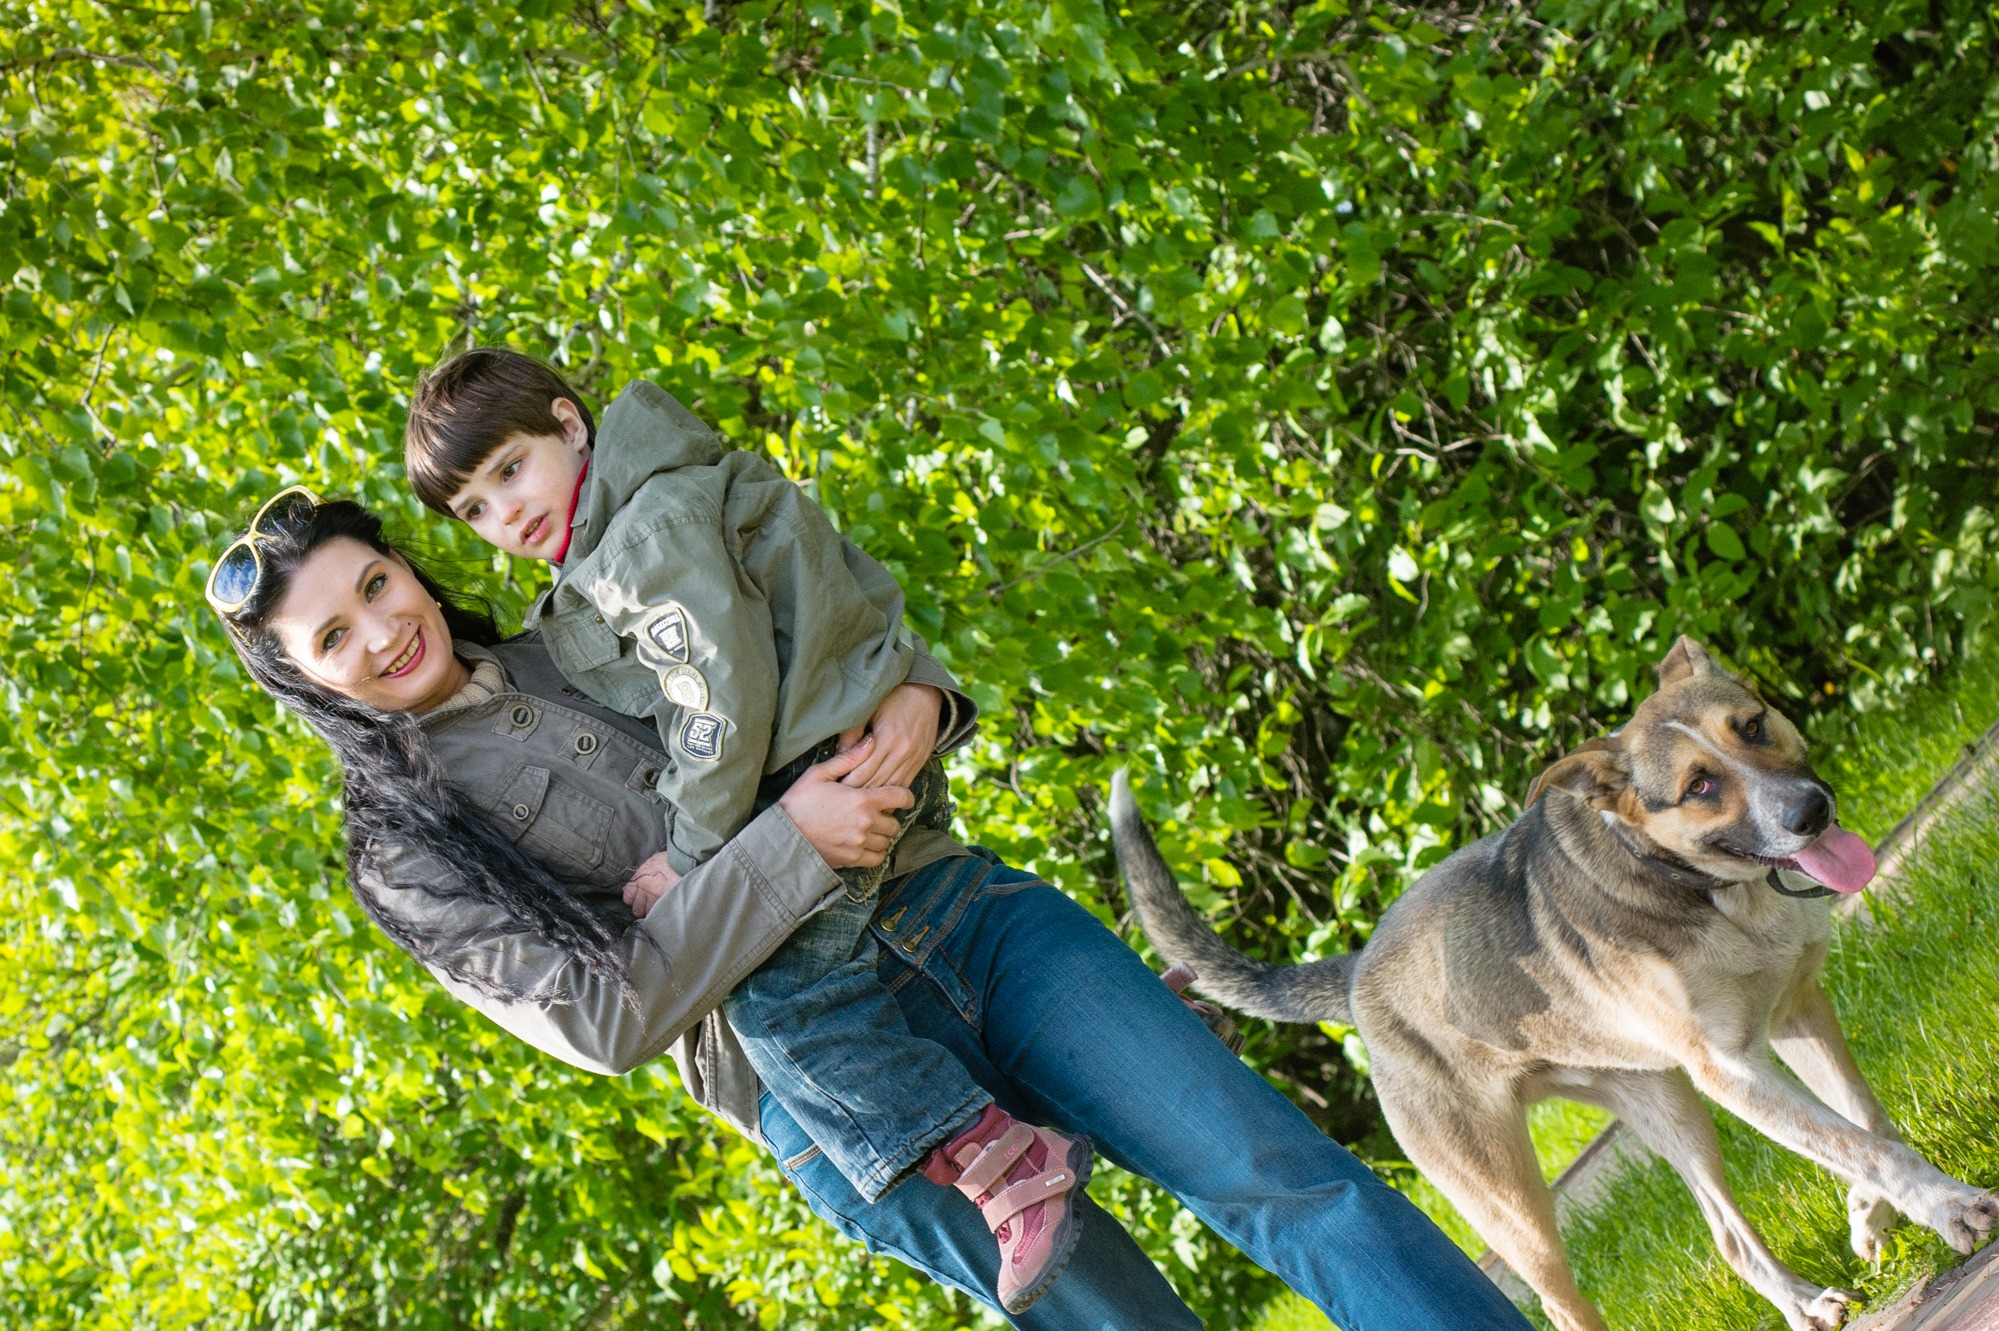 Дети-аутисты не очень любят прикосновения, но маму обнимать сейчас уже научились